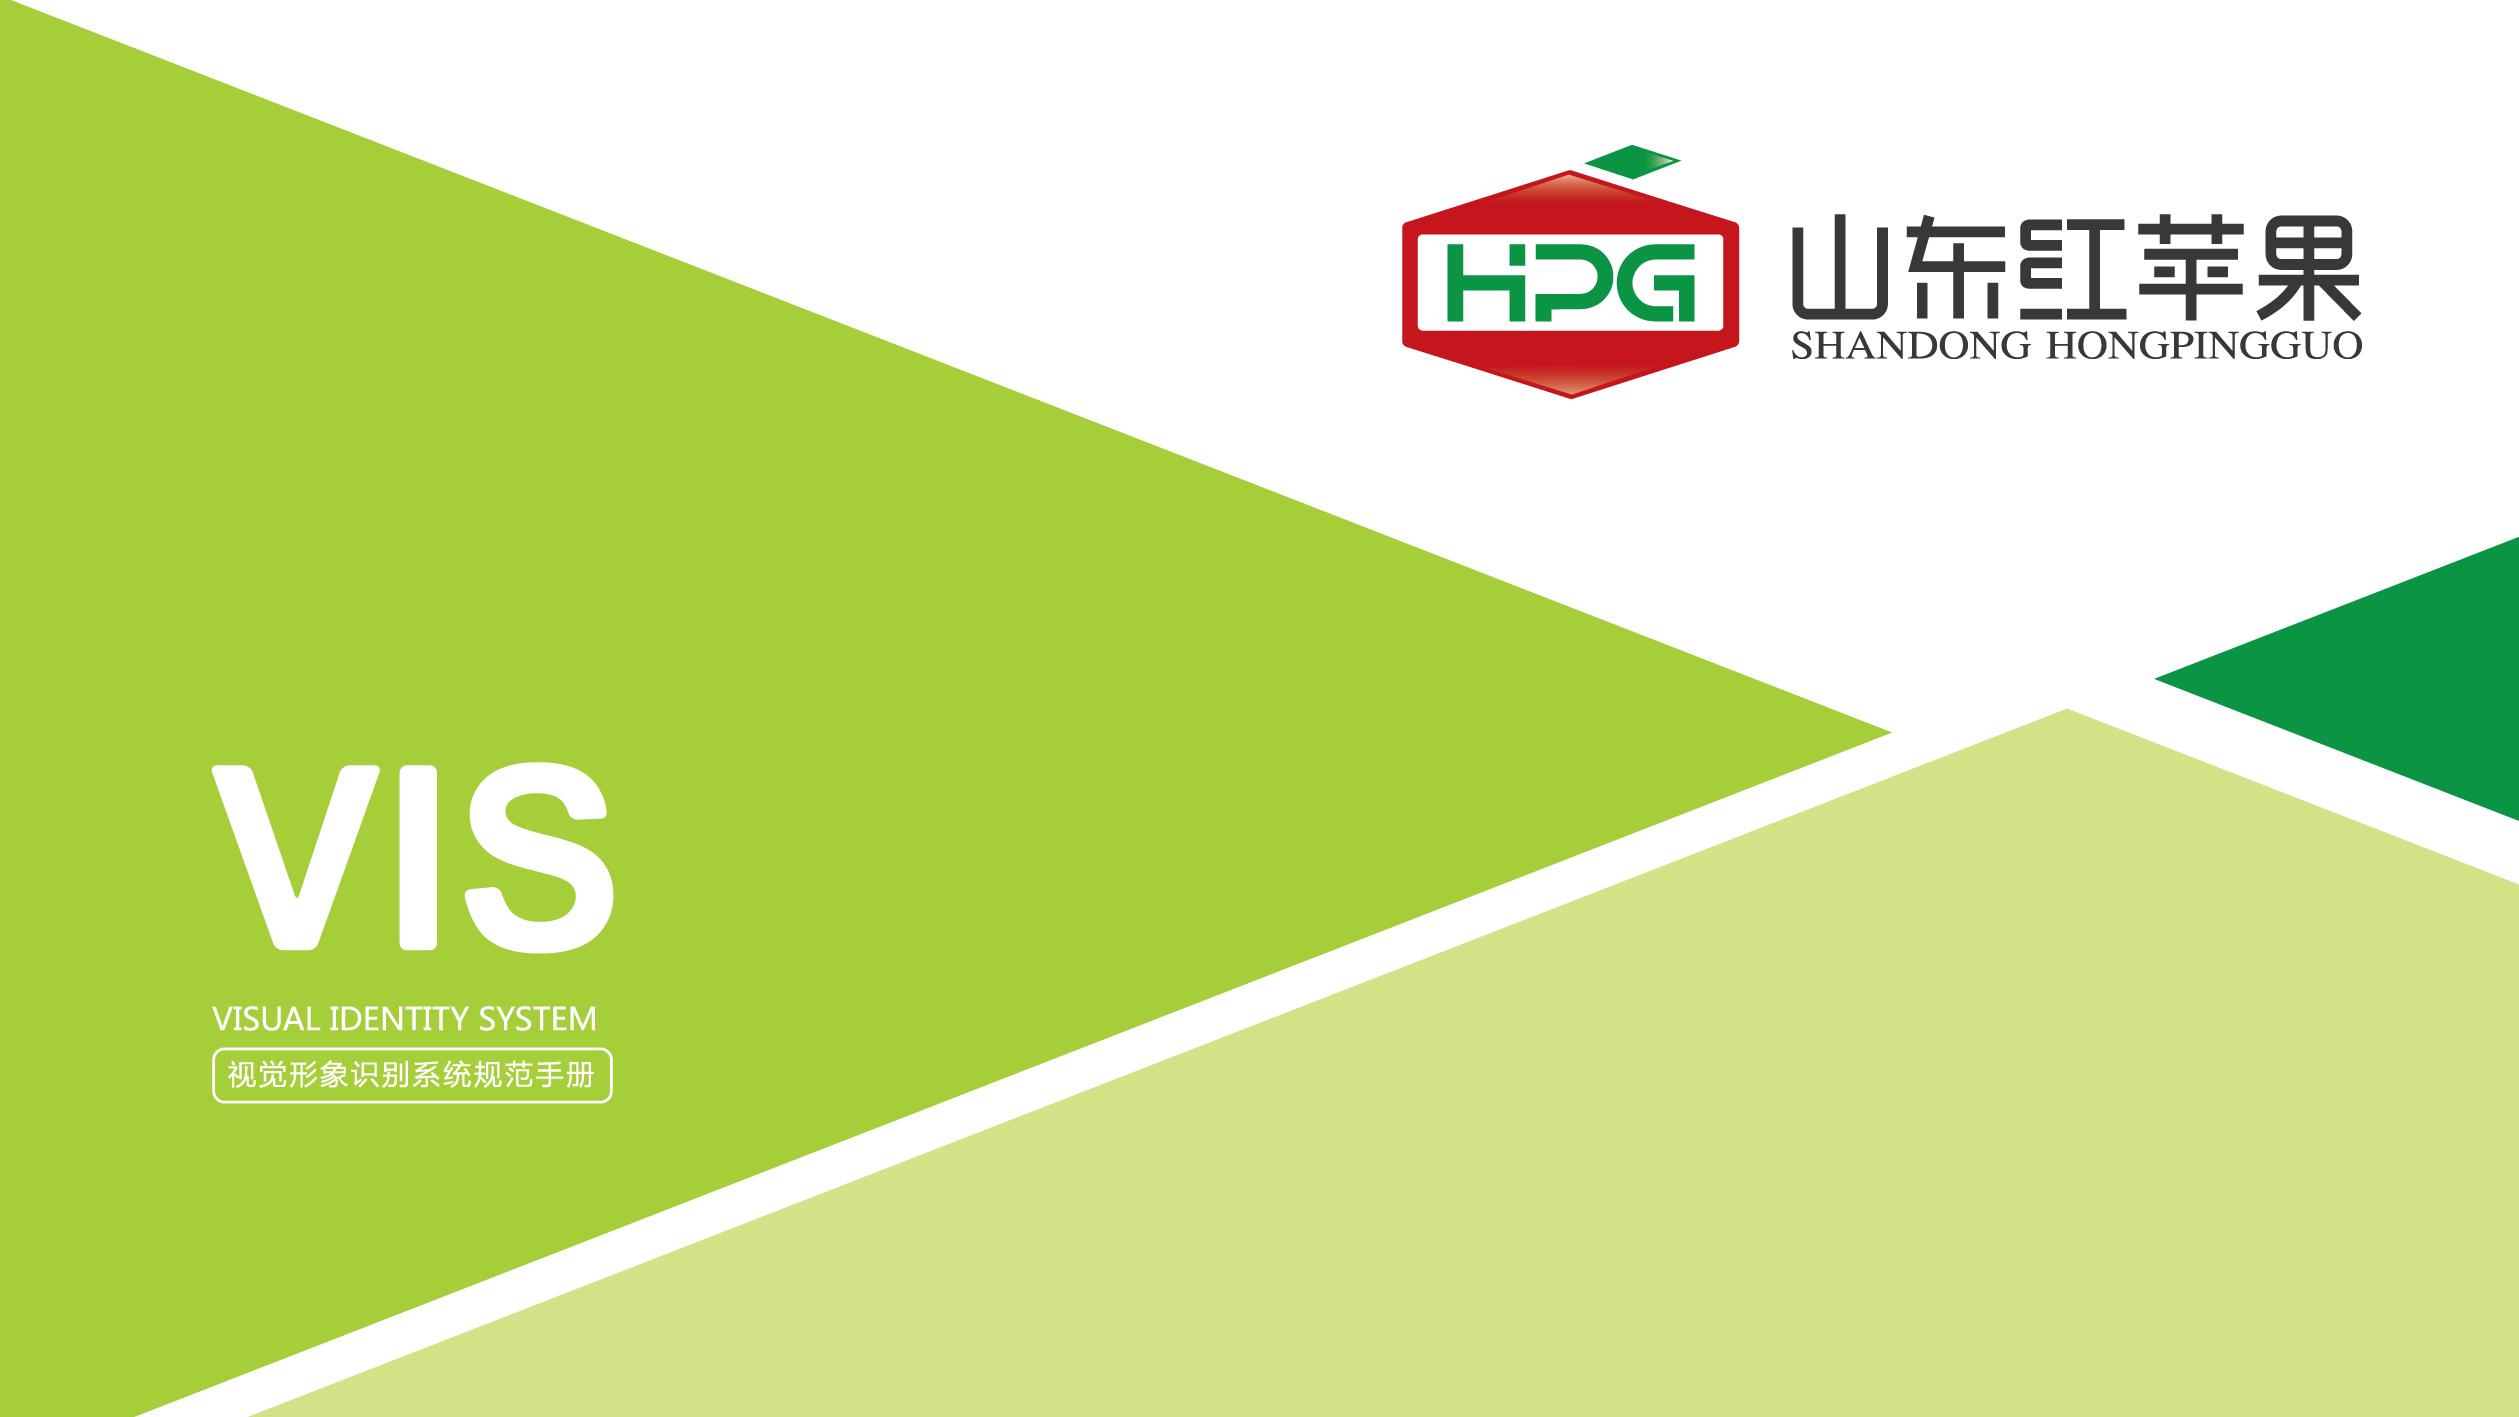 山东红苹果食品品牌vi设计